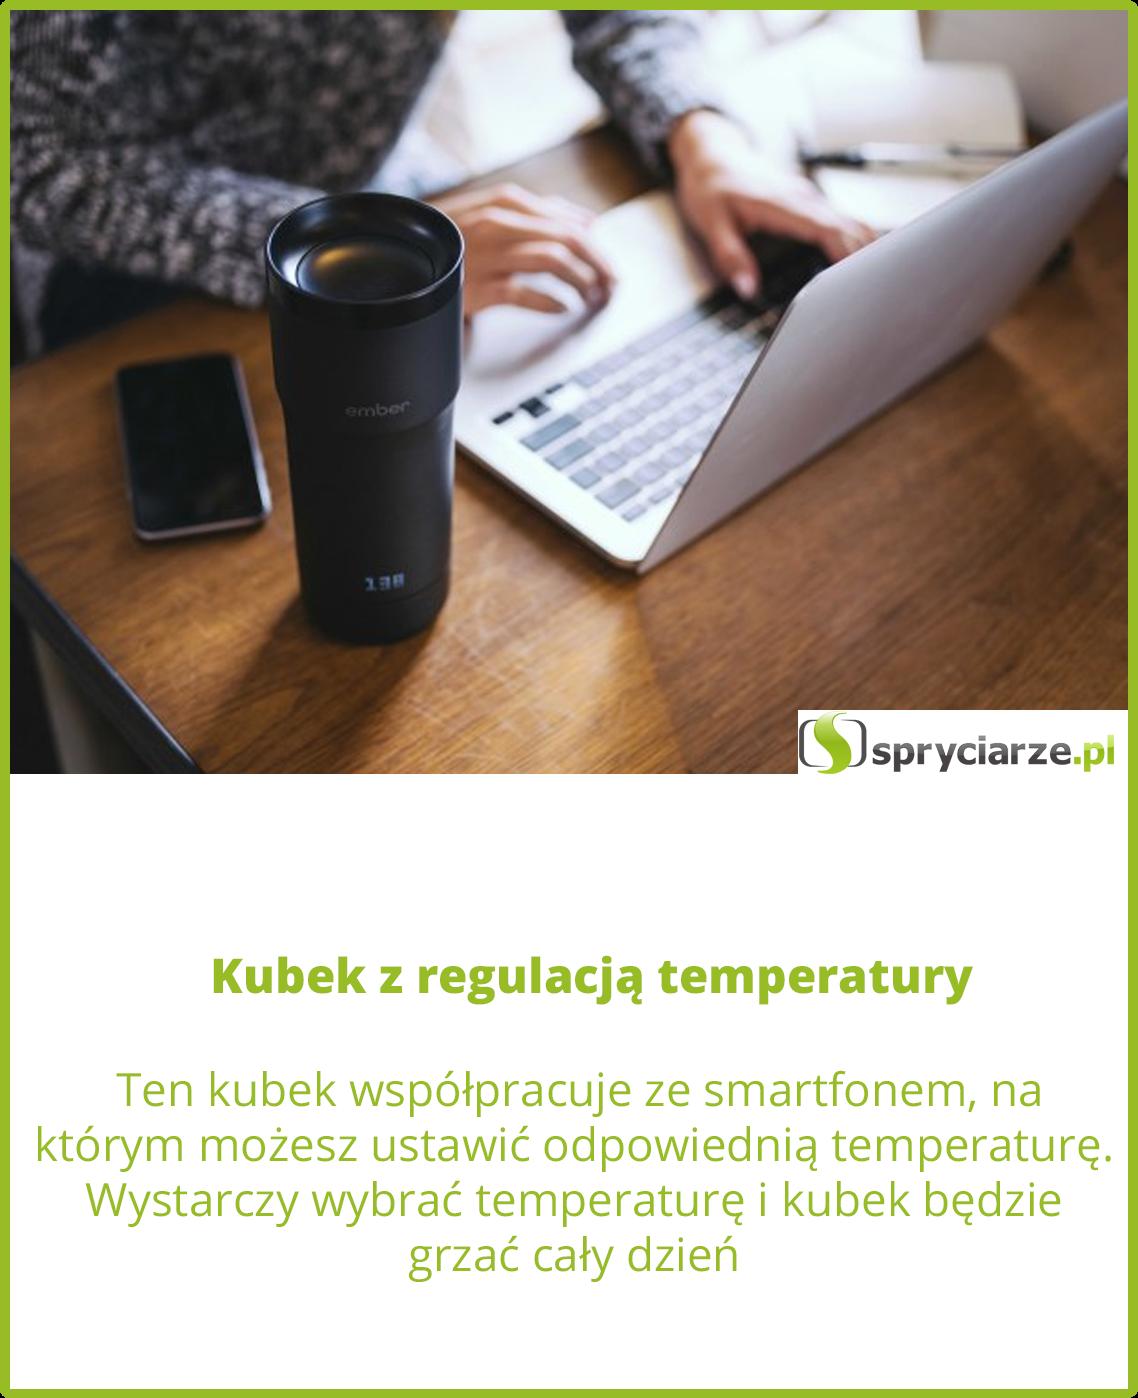 Kubek z regulacją temperatury